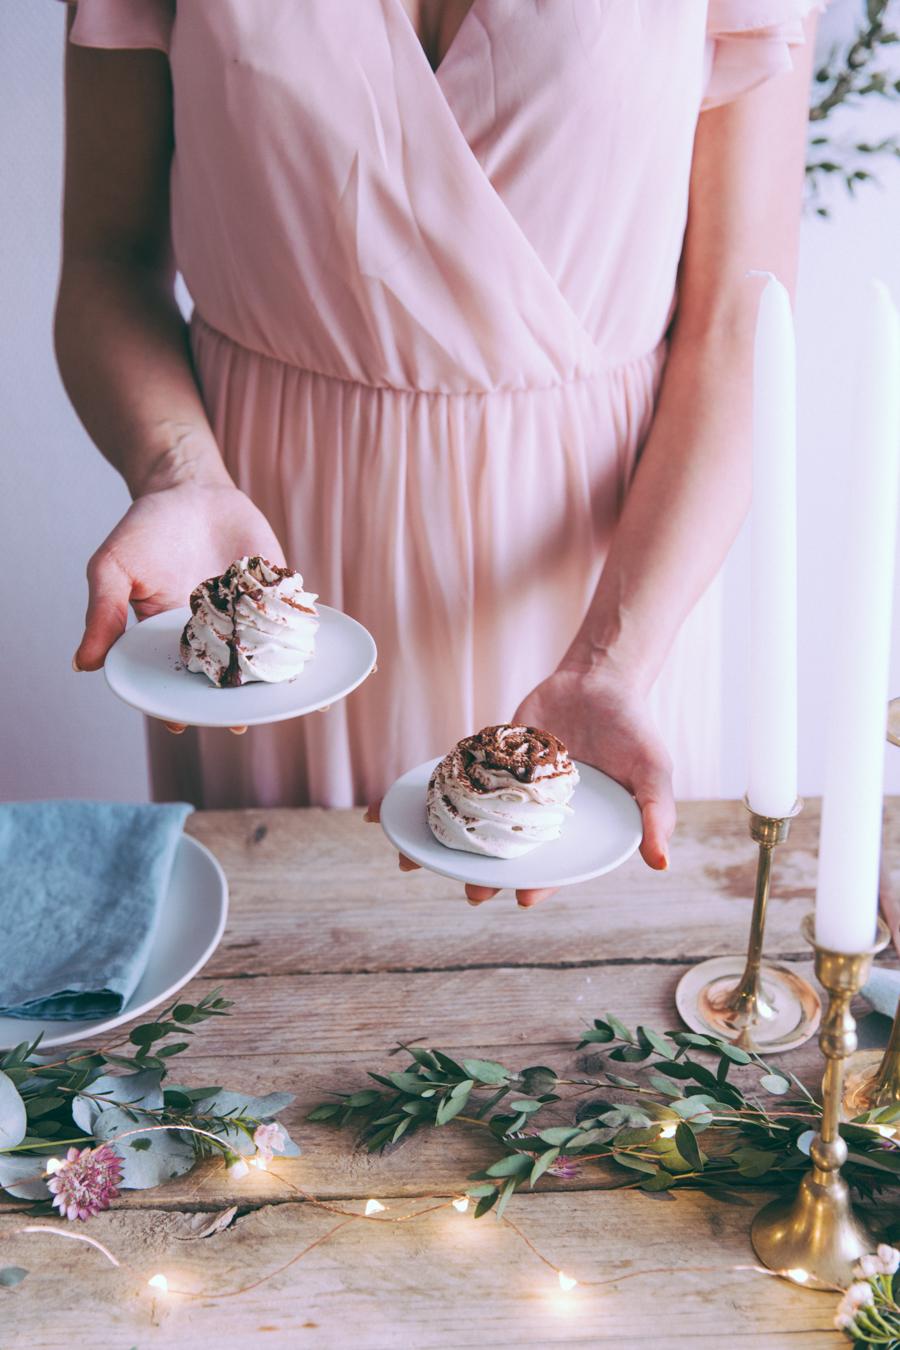 Pavolova chantilly mascarpone à la crème de marron, coulis de chocolat, feuille d'or, recette blog culinaire cuisine lifestyle paris - dessert de fêtes, de Noël - Pavlova au chocolat